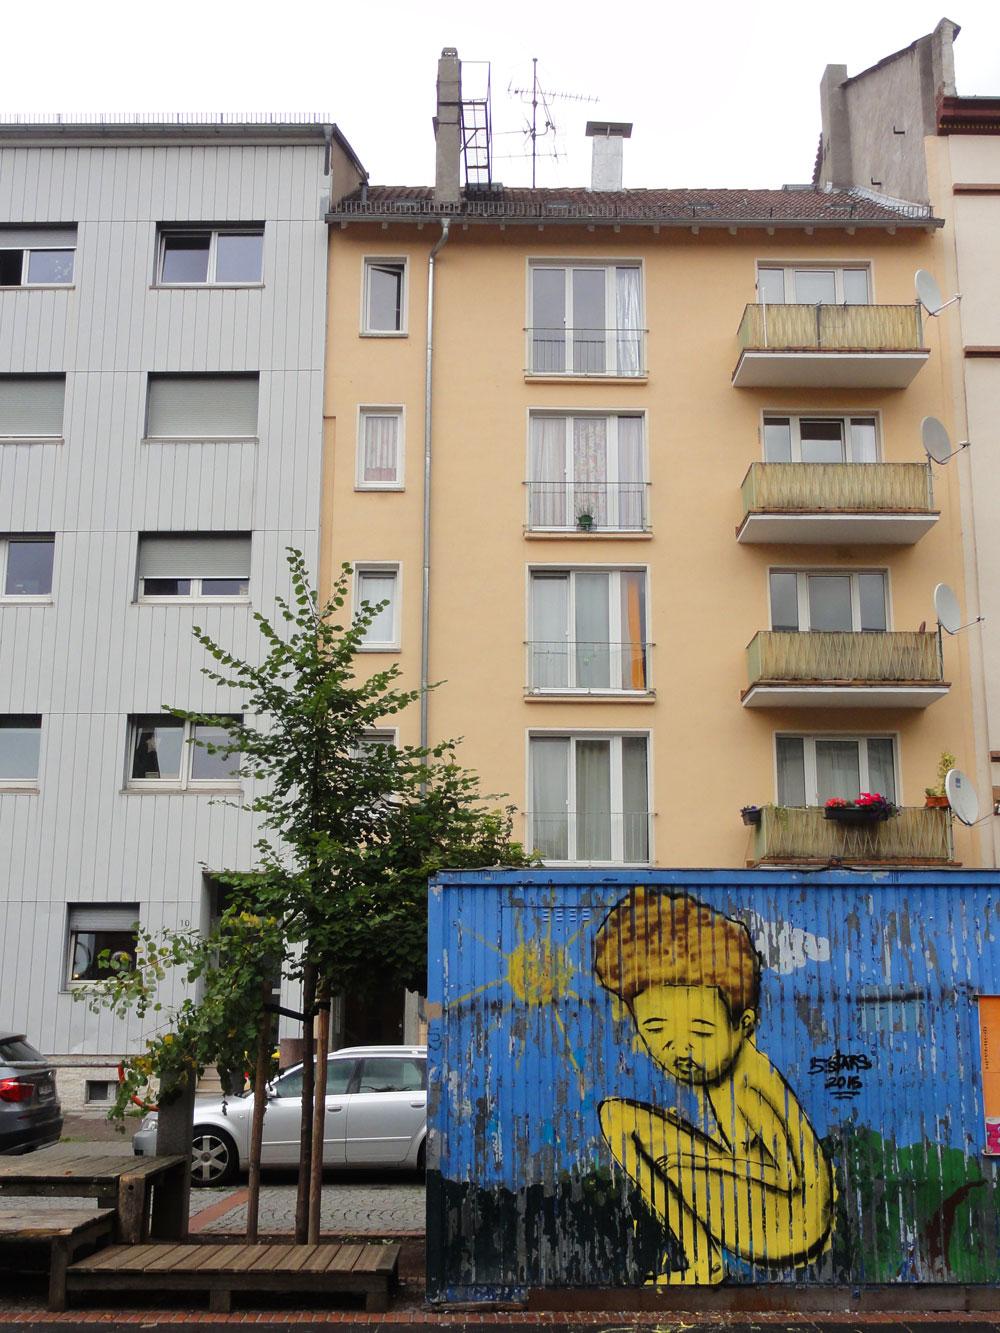 5stars-frankfurt-streetart-1